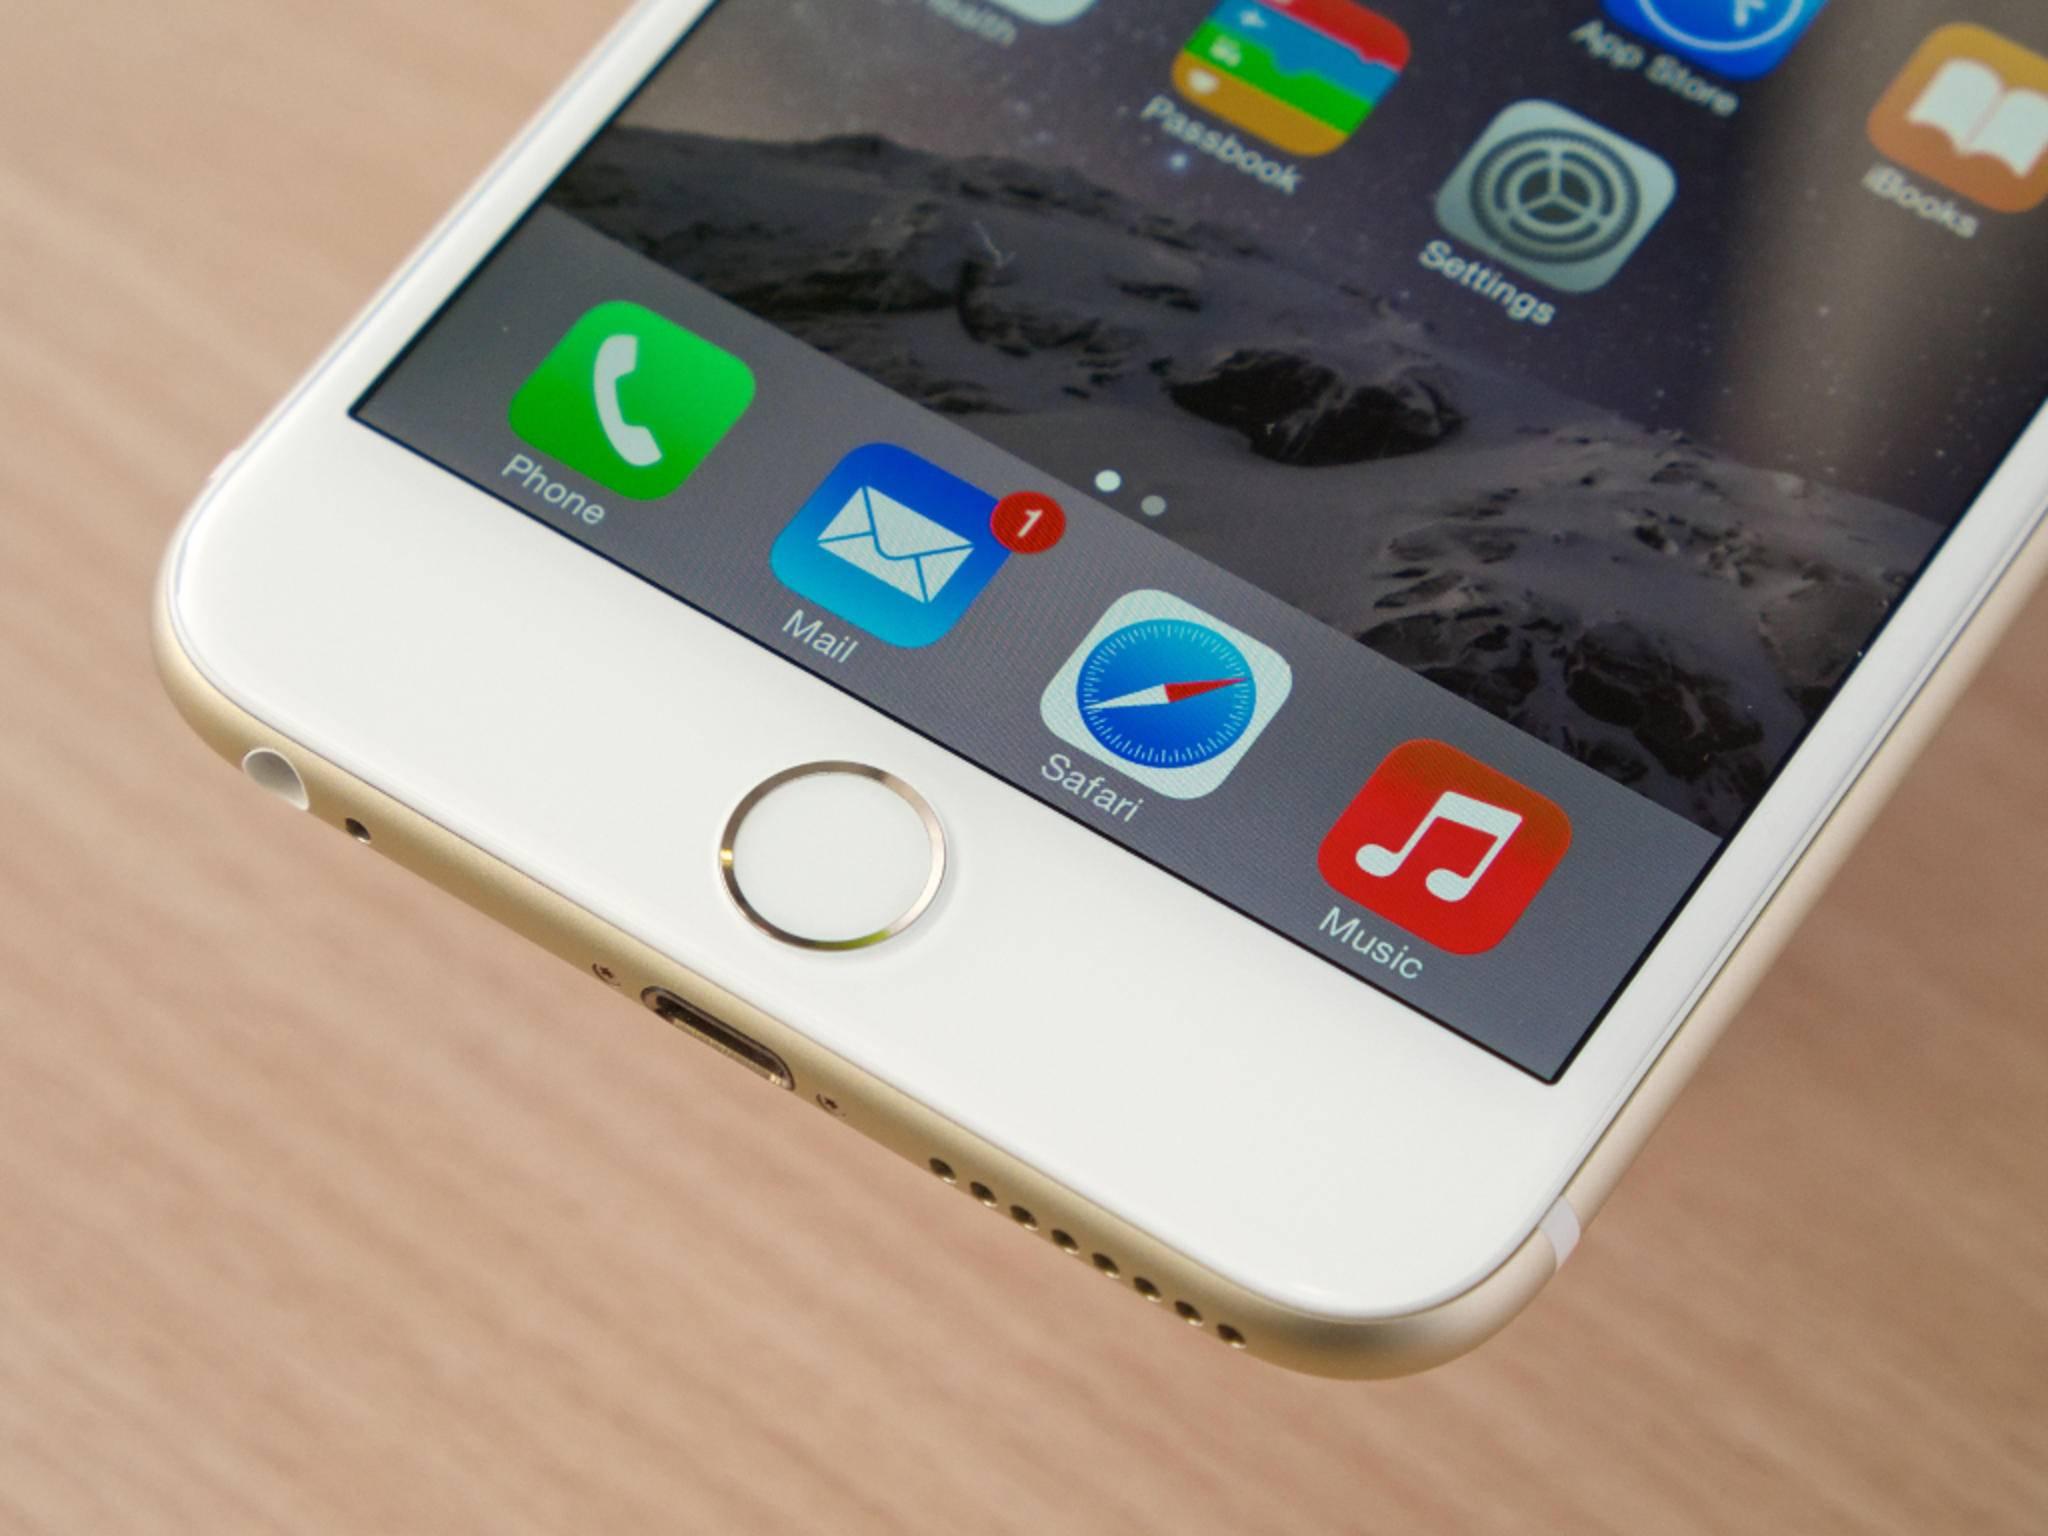 Wird der Home-Button im iPhone druckempfindlich?